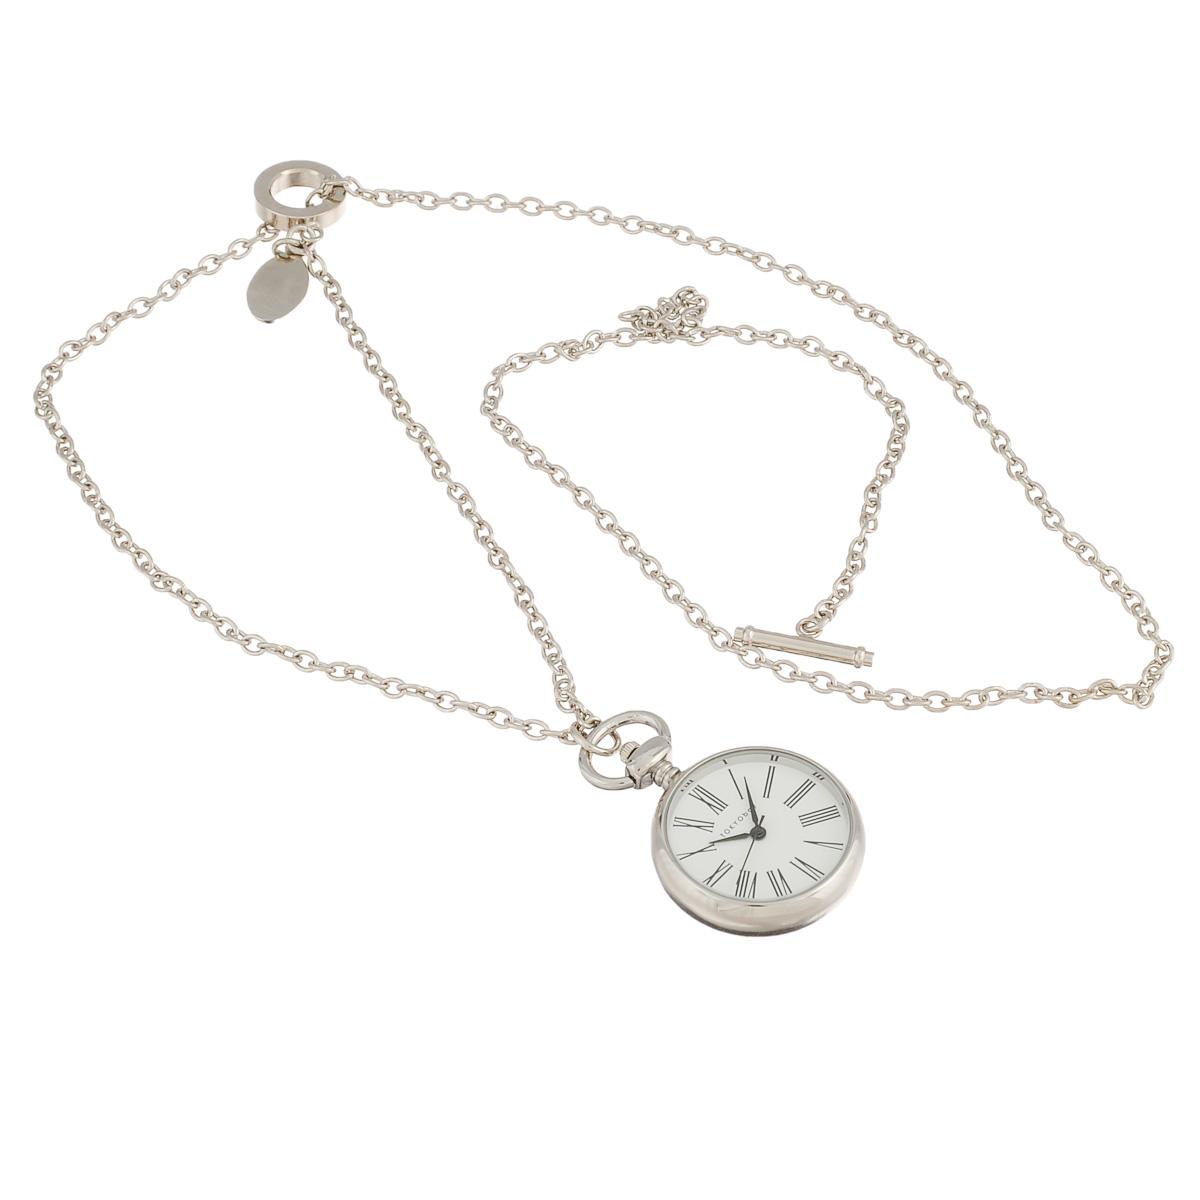 Часы женские наручные Tokyobay Fancy Harriet Silver Pendant. T112-SIT112-SIНаручные часы Tokyobay - это стильное дополнение к вашему неповторимому образу. Эти часы созданы для современных девушек, ценящих стиль, качество и практичность. Часы оснащены японским кварцевым механизмом Miyota. Корпус выполнен из металла, не содержащего никель. Задняя крышка изготовлена из нержавеющей стали. Циферблат декорирован крупными римскими цифрами, имеет три стрелки - часовую, минутную и секундную. Браслет выполнен из металлического сплава в виде цепочки. Часы Tokyobay - это практичный и модный аксессуар, который подчеркнет ваш безупречный вкус. Характеристики: Корпус: 29 х 29 х 7 мм. Размер цепочки: 40 х 0,3 см. Не водостойкие.